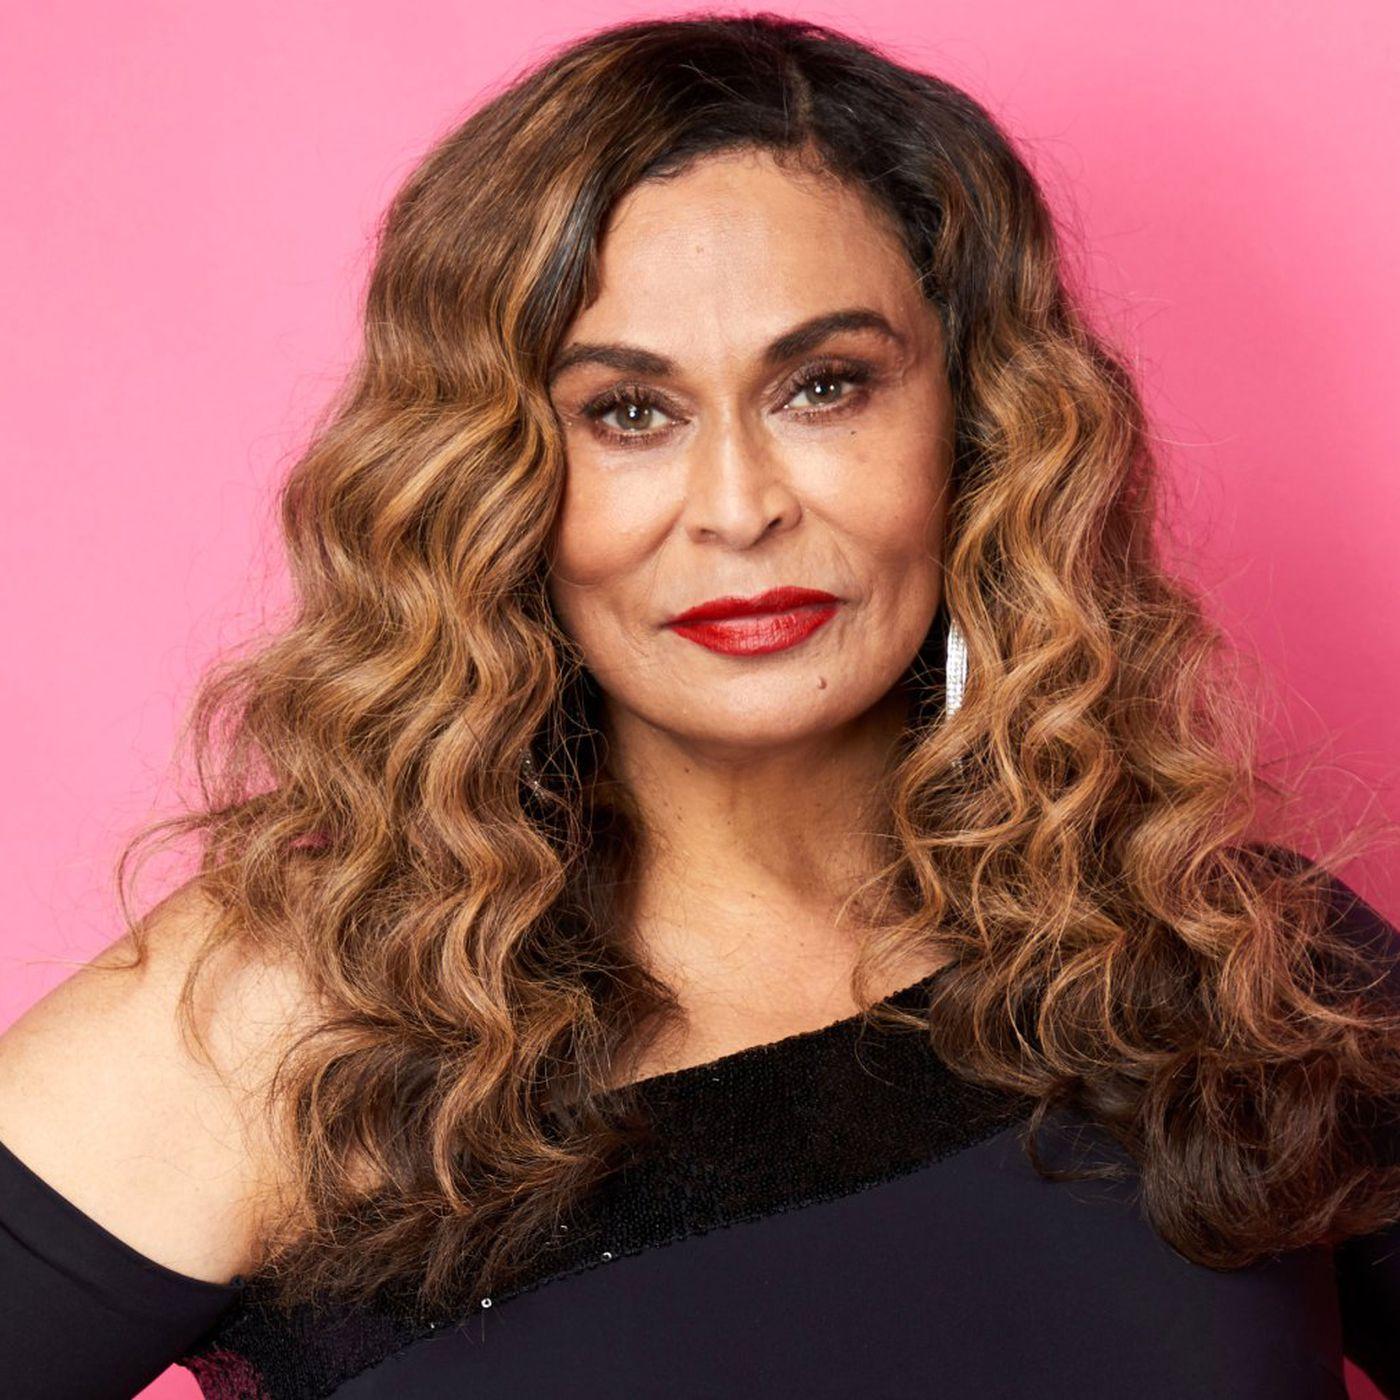 L'étonnante réaction de la mère de Beyonce après la condamnation de Derek Chauvin à 22,5 ans de prison